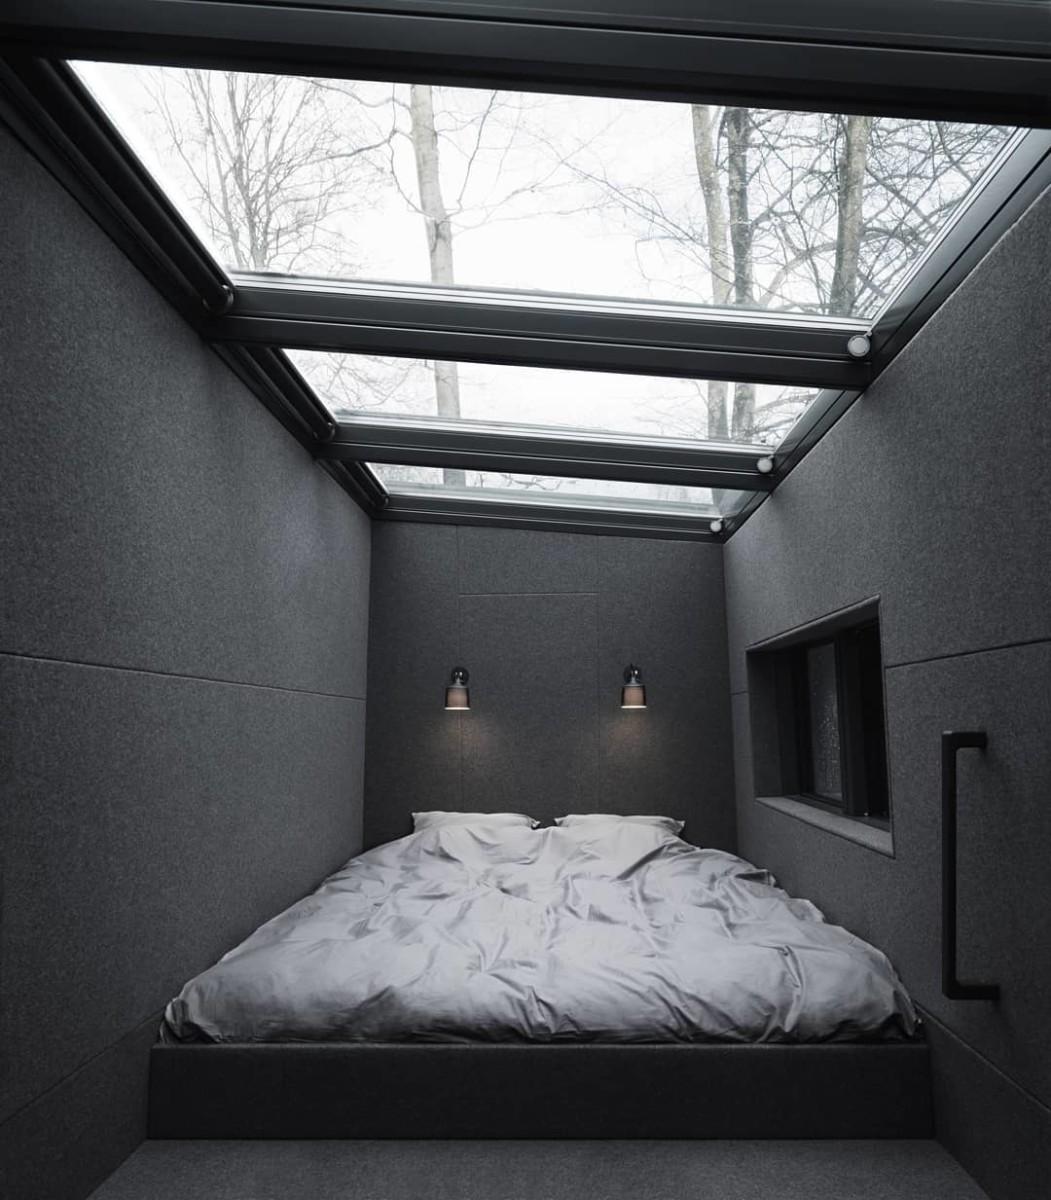 室内设计优秀作品集锦(5)